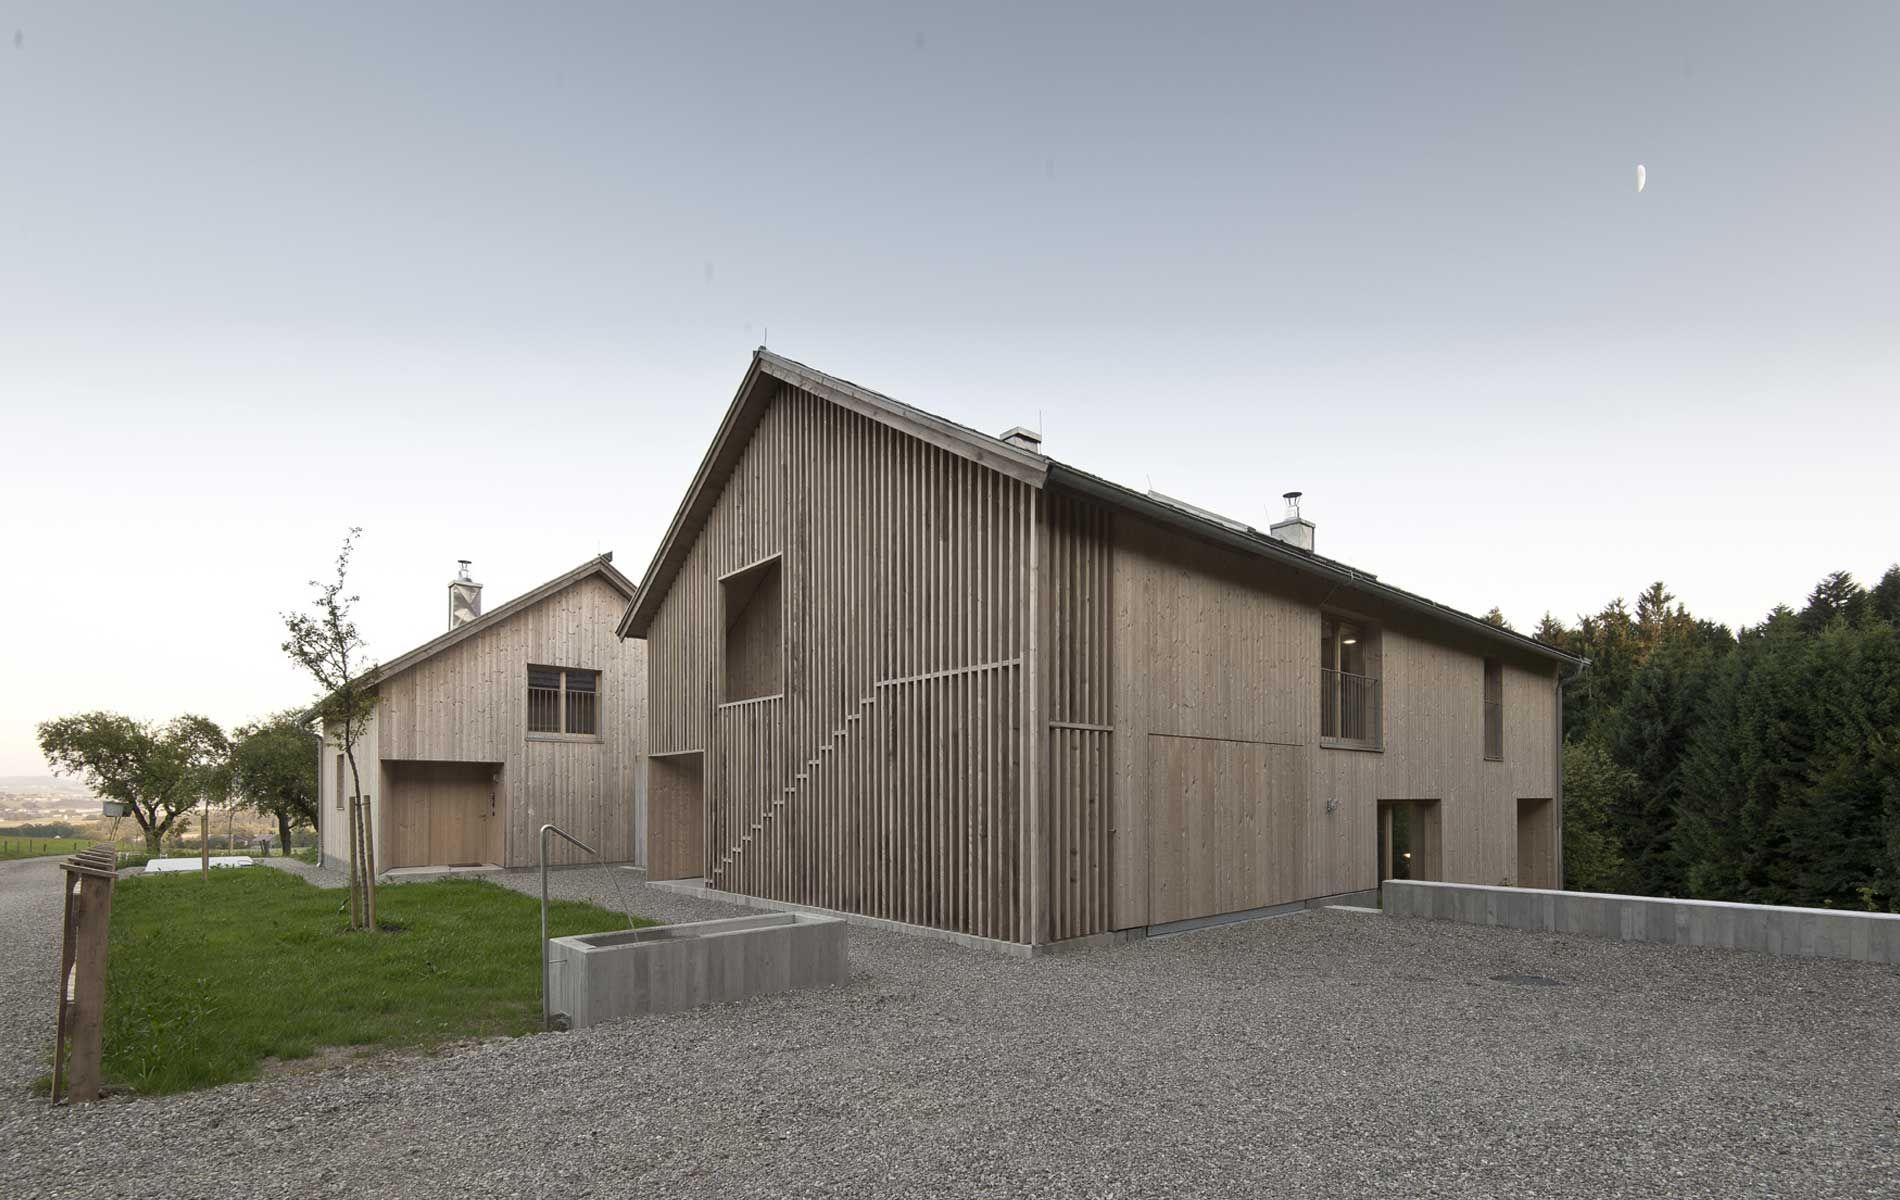 Wochenendhaus d holzhaus modern was wir bauen for Wochenendhaus modern bauen